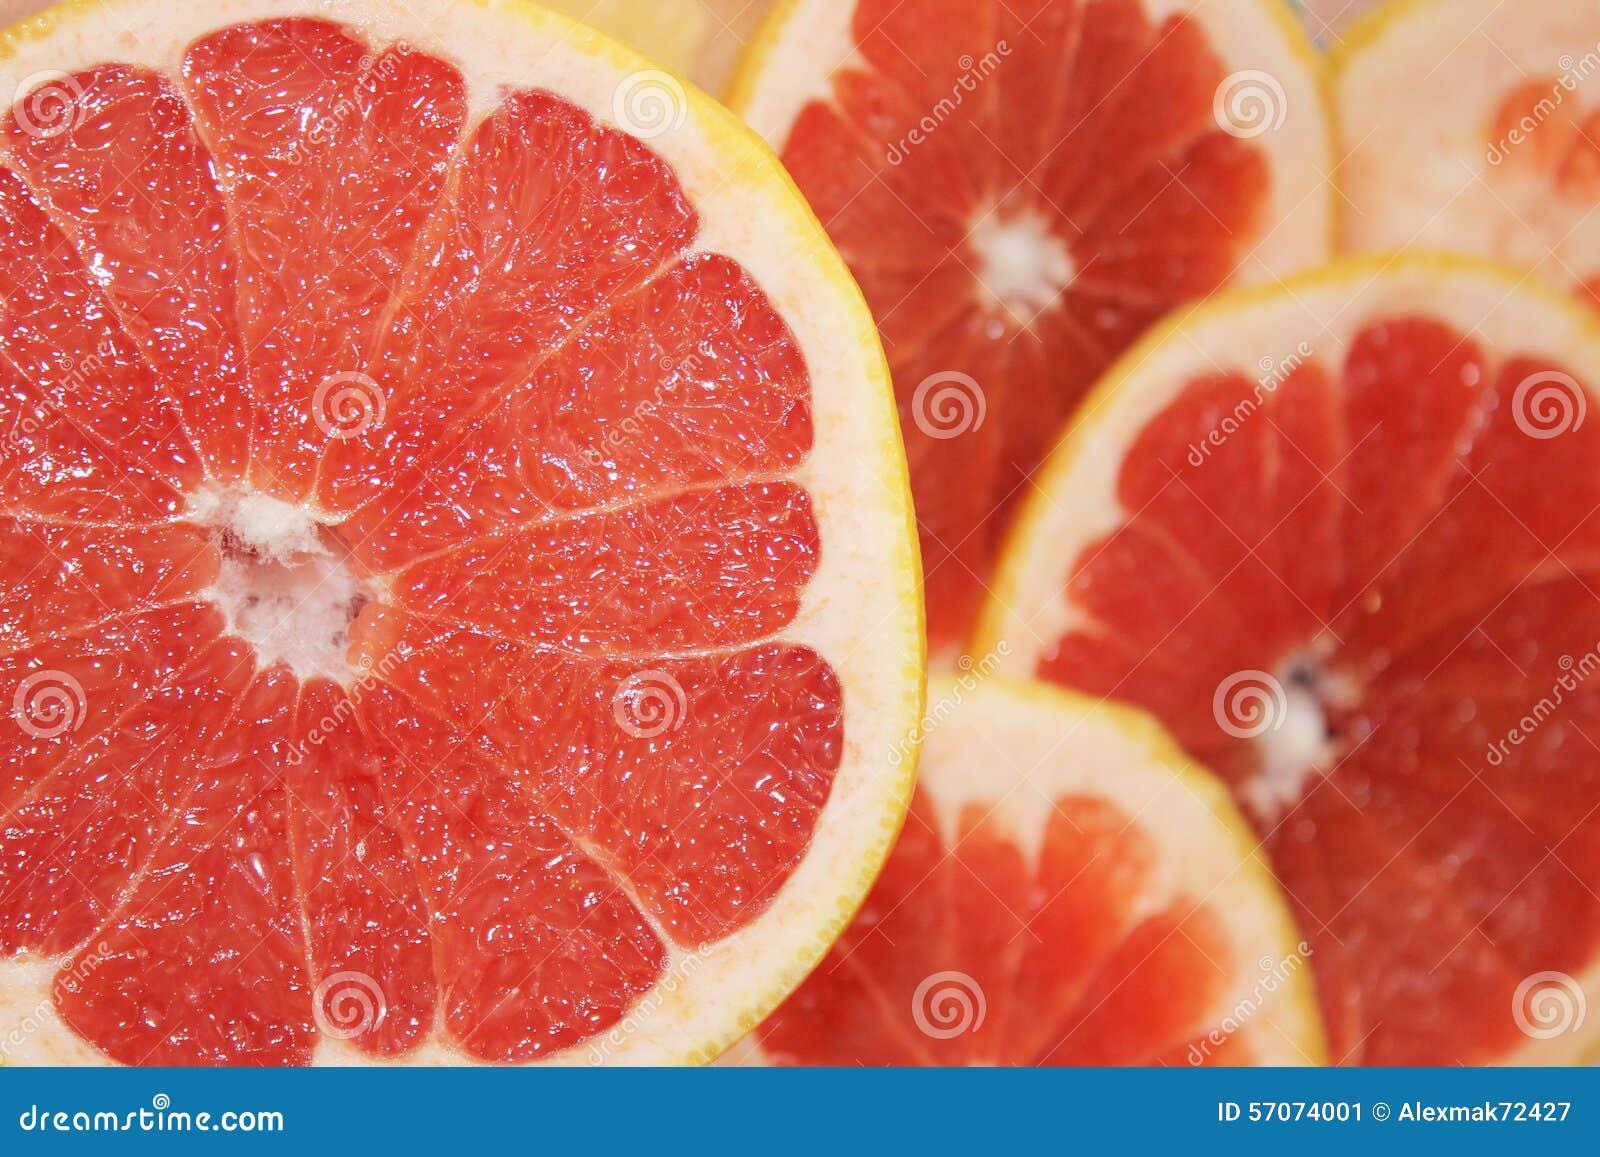 Grapefruitsrood door stukken wordt gesneden dat